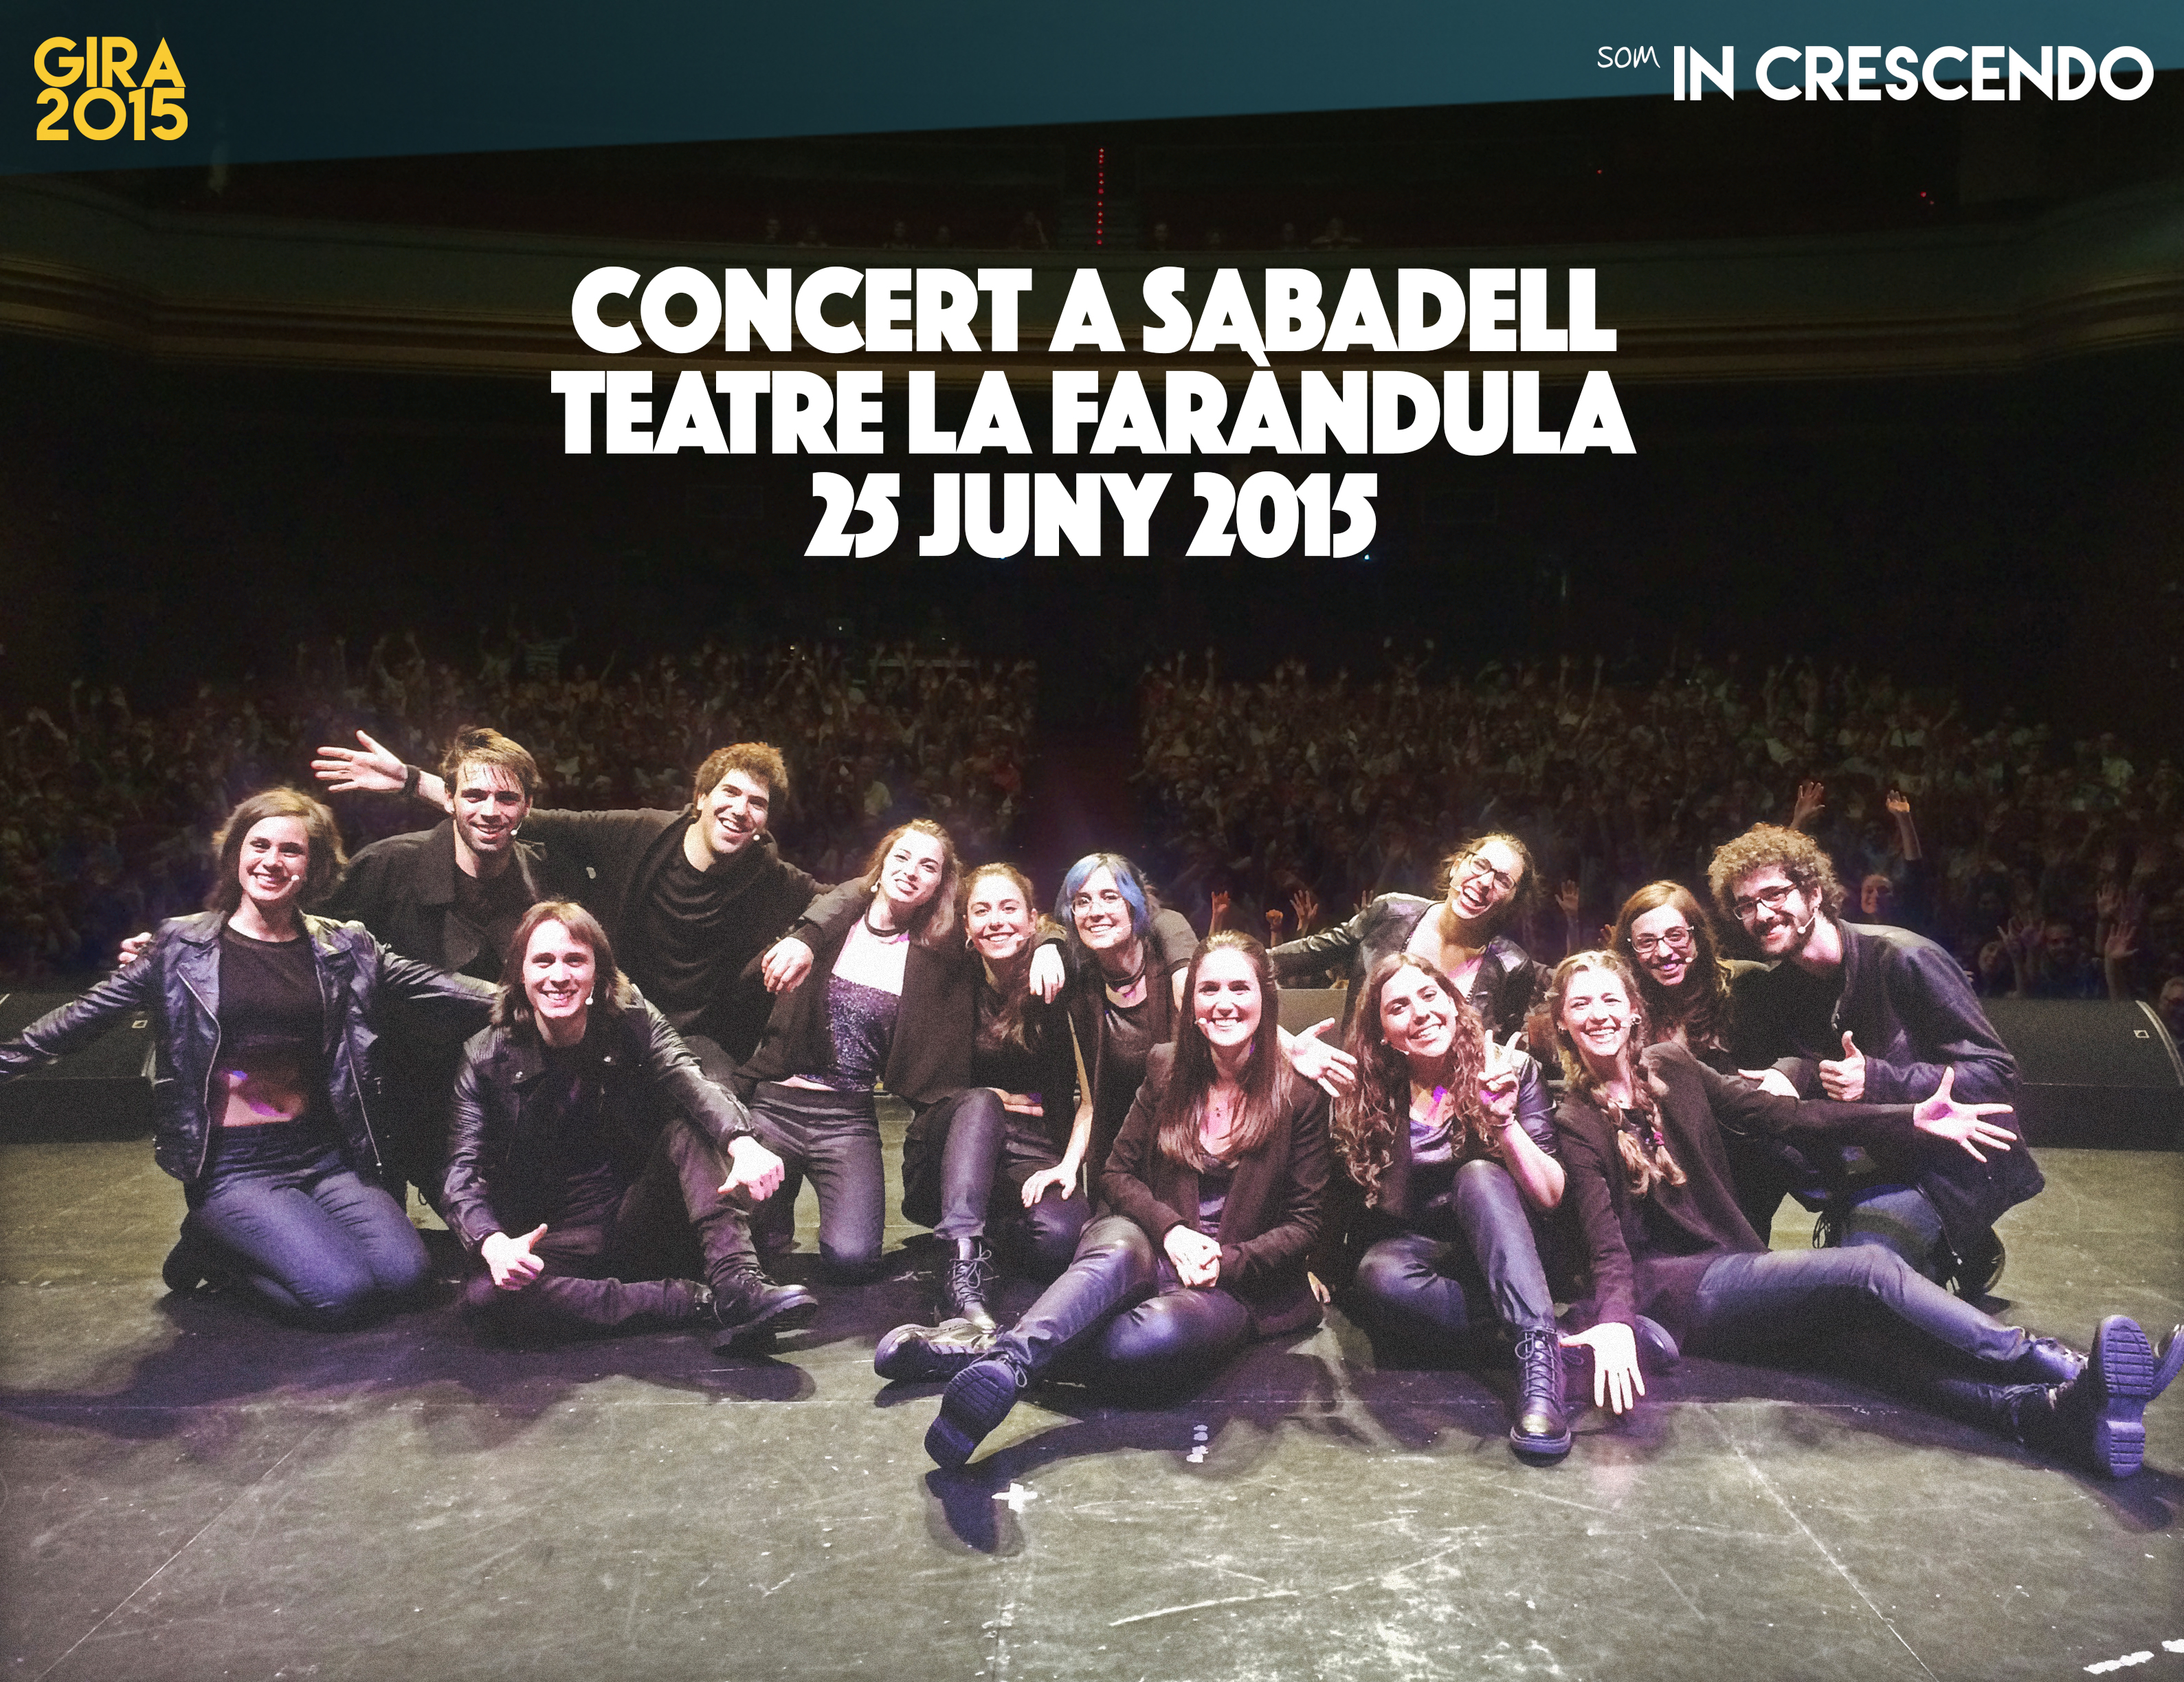 25/06/15 Sabadell